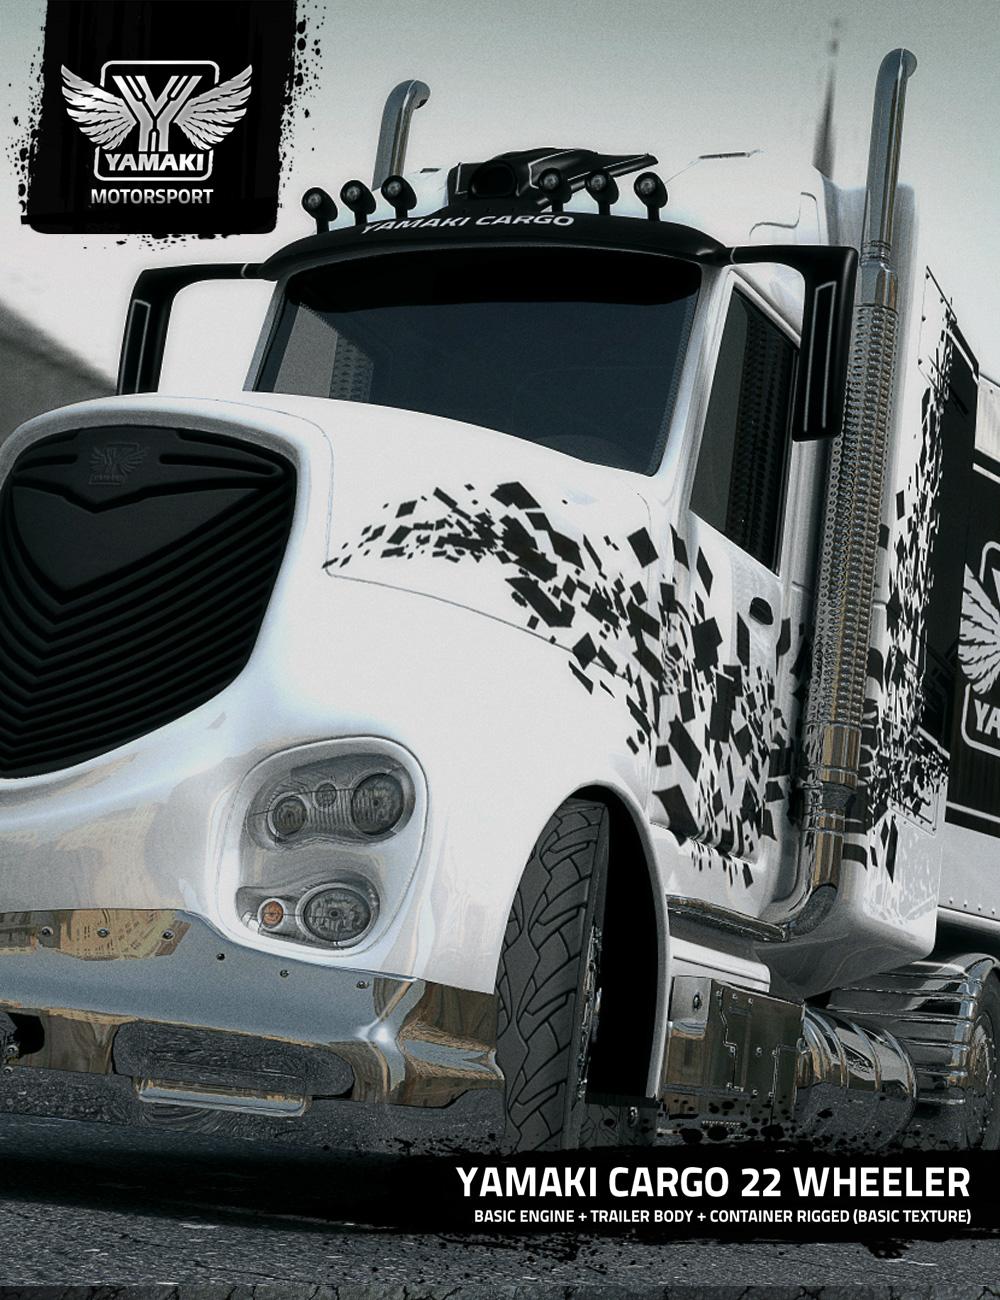 Yamaki Cargo by: Ravnheart, 3D Models by Daz 3D